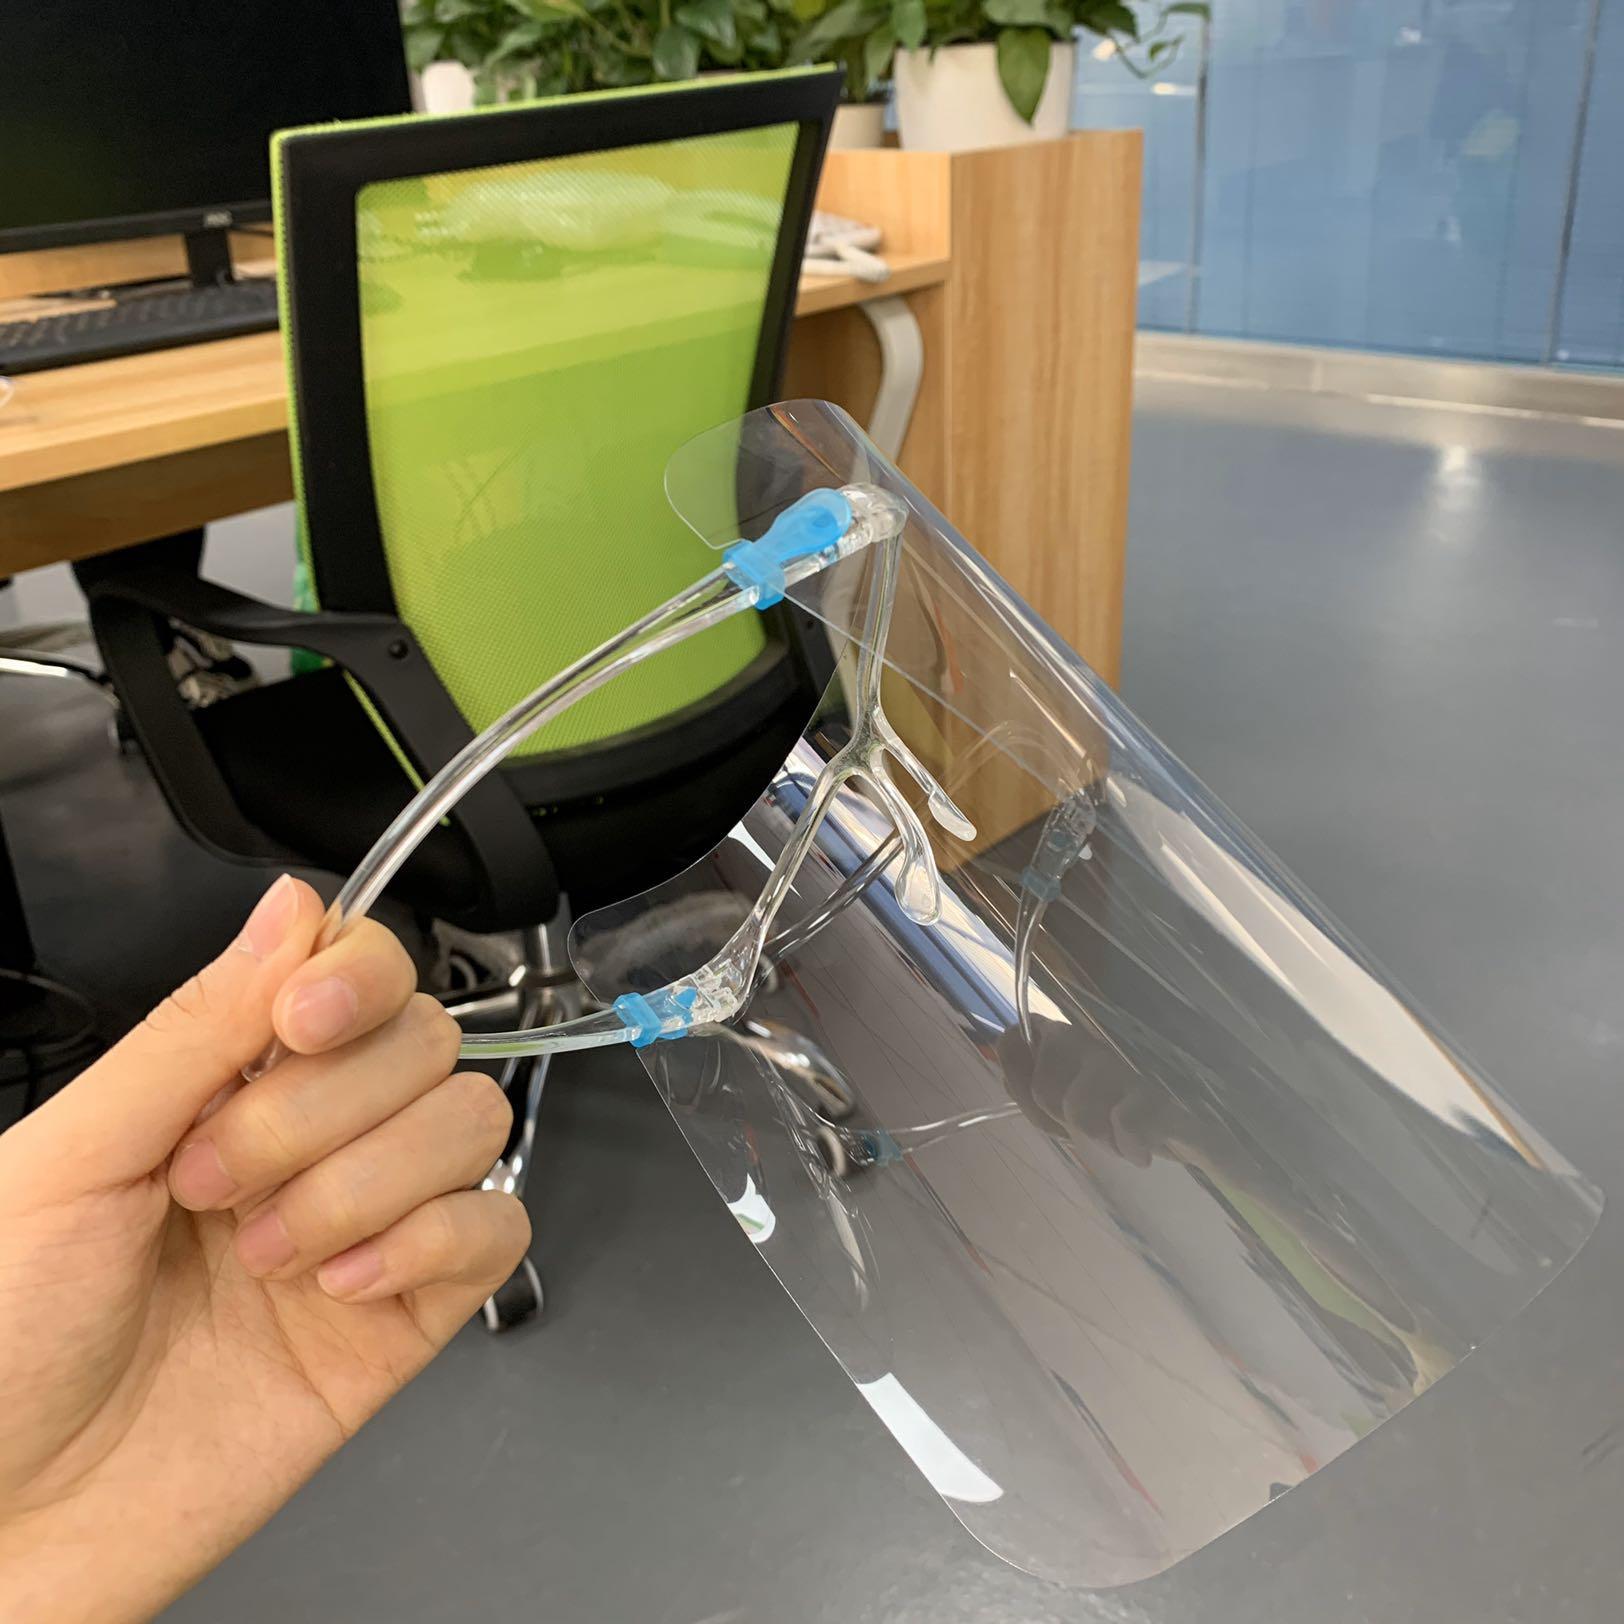 EEUU Stock Speical Diseño adulto protector de cara con los vidrios Plataforma anti-vaho máscara protectora transparente de seguridad a prueba de polvo de la cara llena de Protección